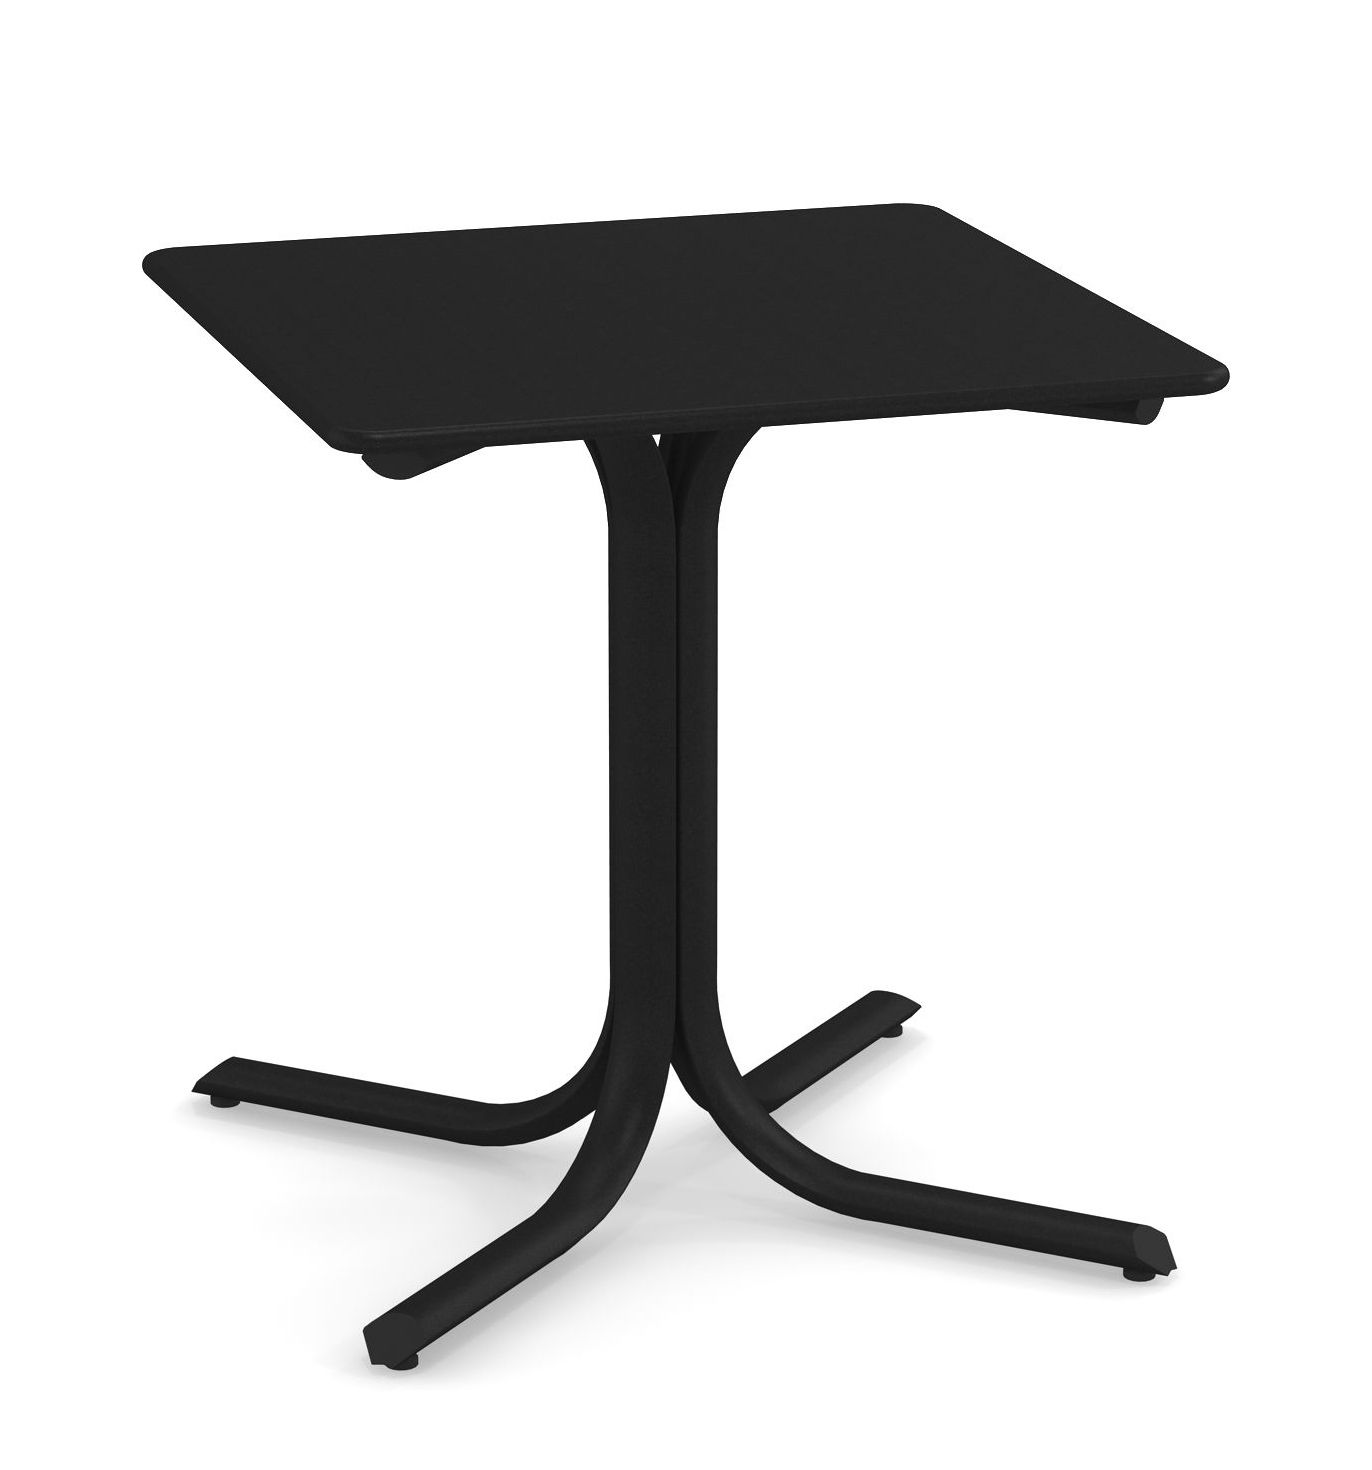 Outdoor - Tische - System quadratischer Tisch / 70 x 70 cm - Emu - Schwarz - Verzinkter lackierter Stahl